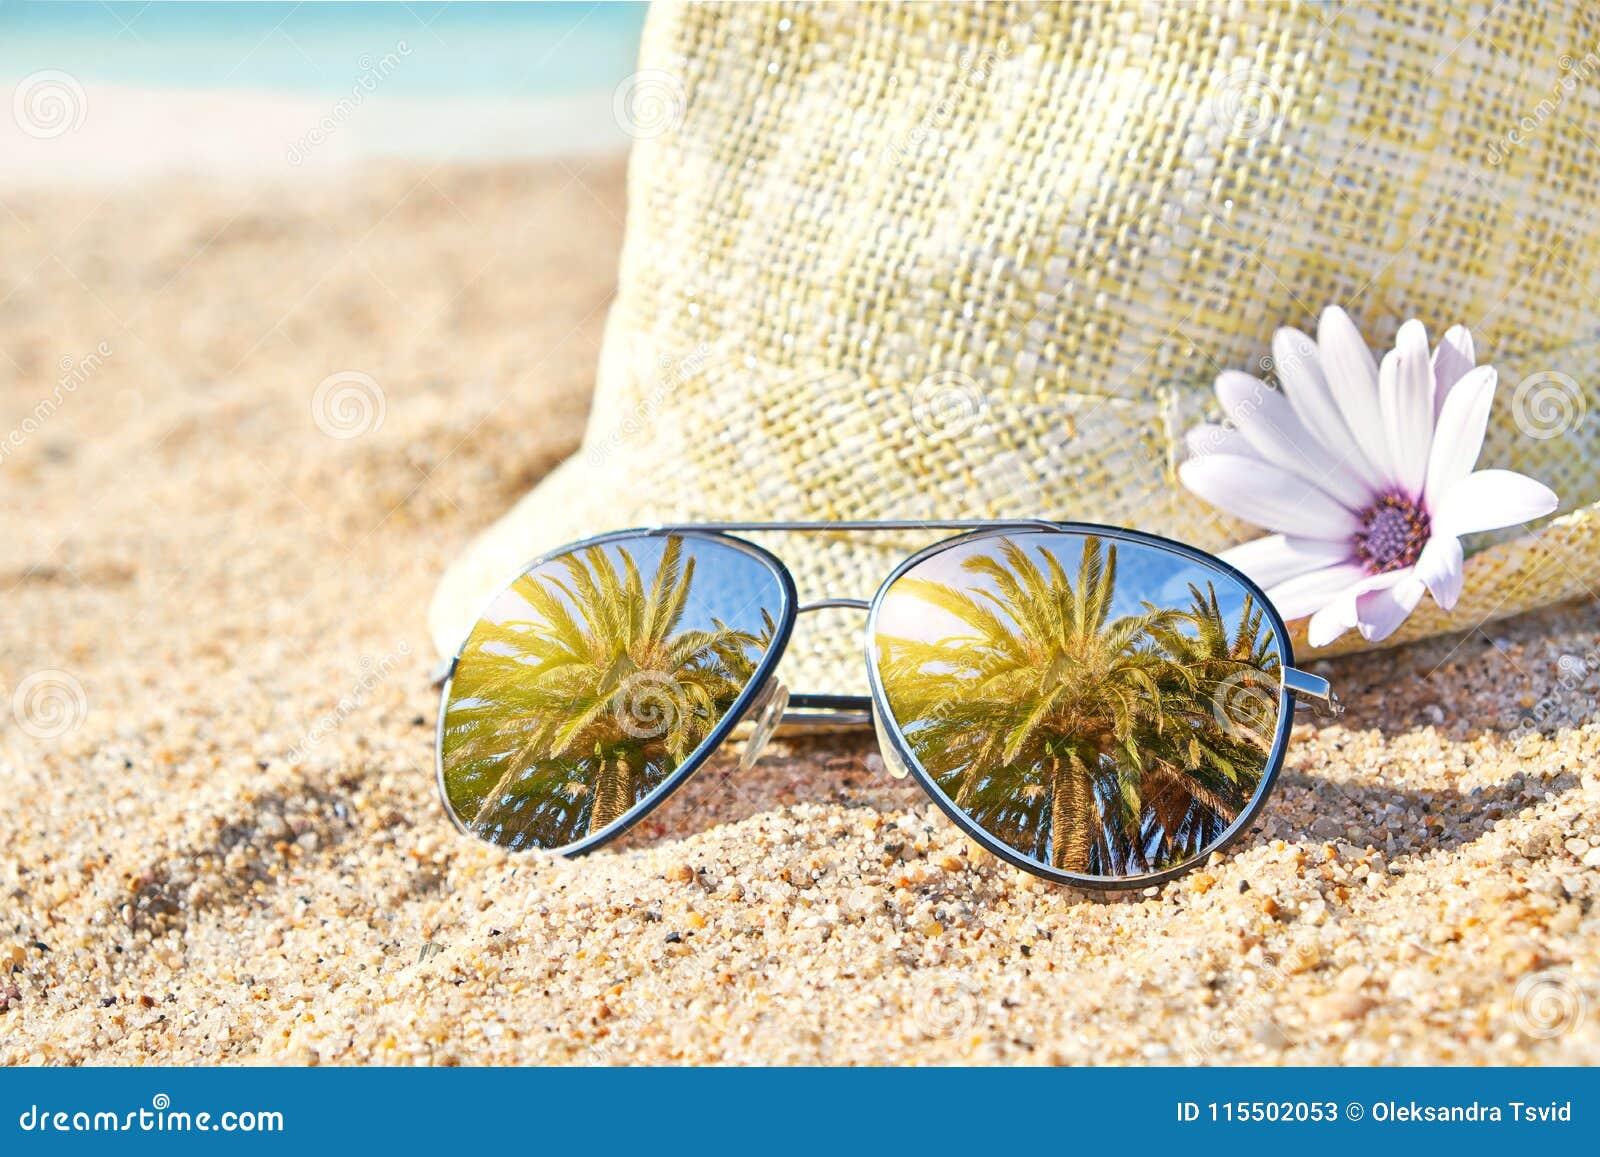 Palmeiras em óculos de sol espelhados à moda na areia contra o chapéu de  palha Conceito tropical das férias de verão Dia ensolarado do verão na praia 2090ff11a01